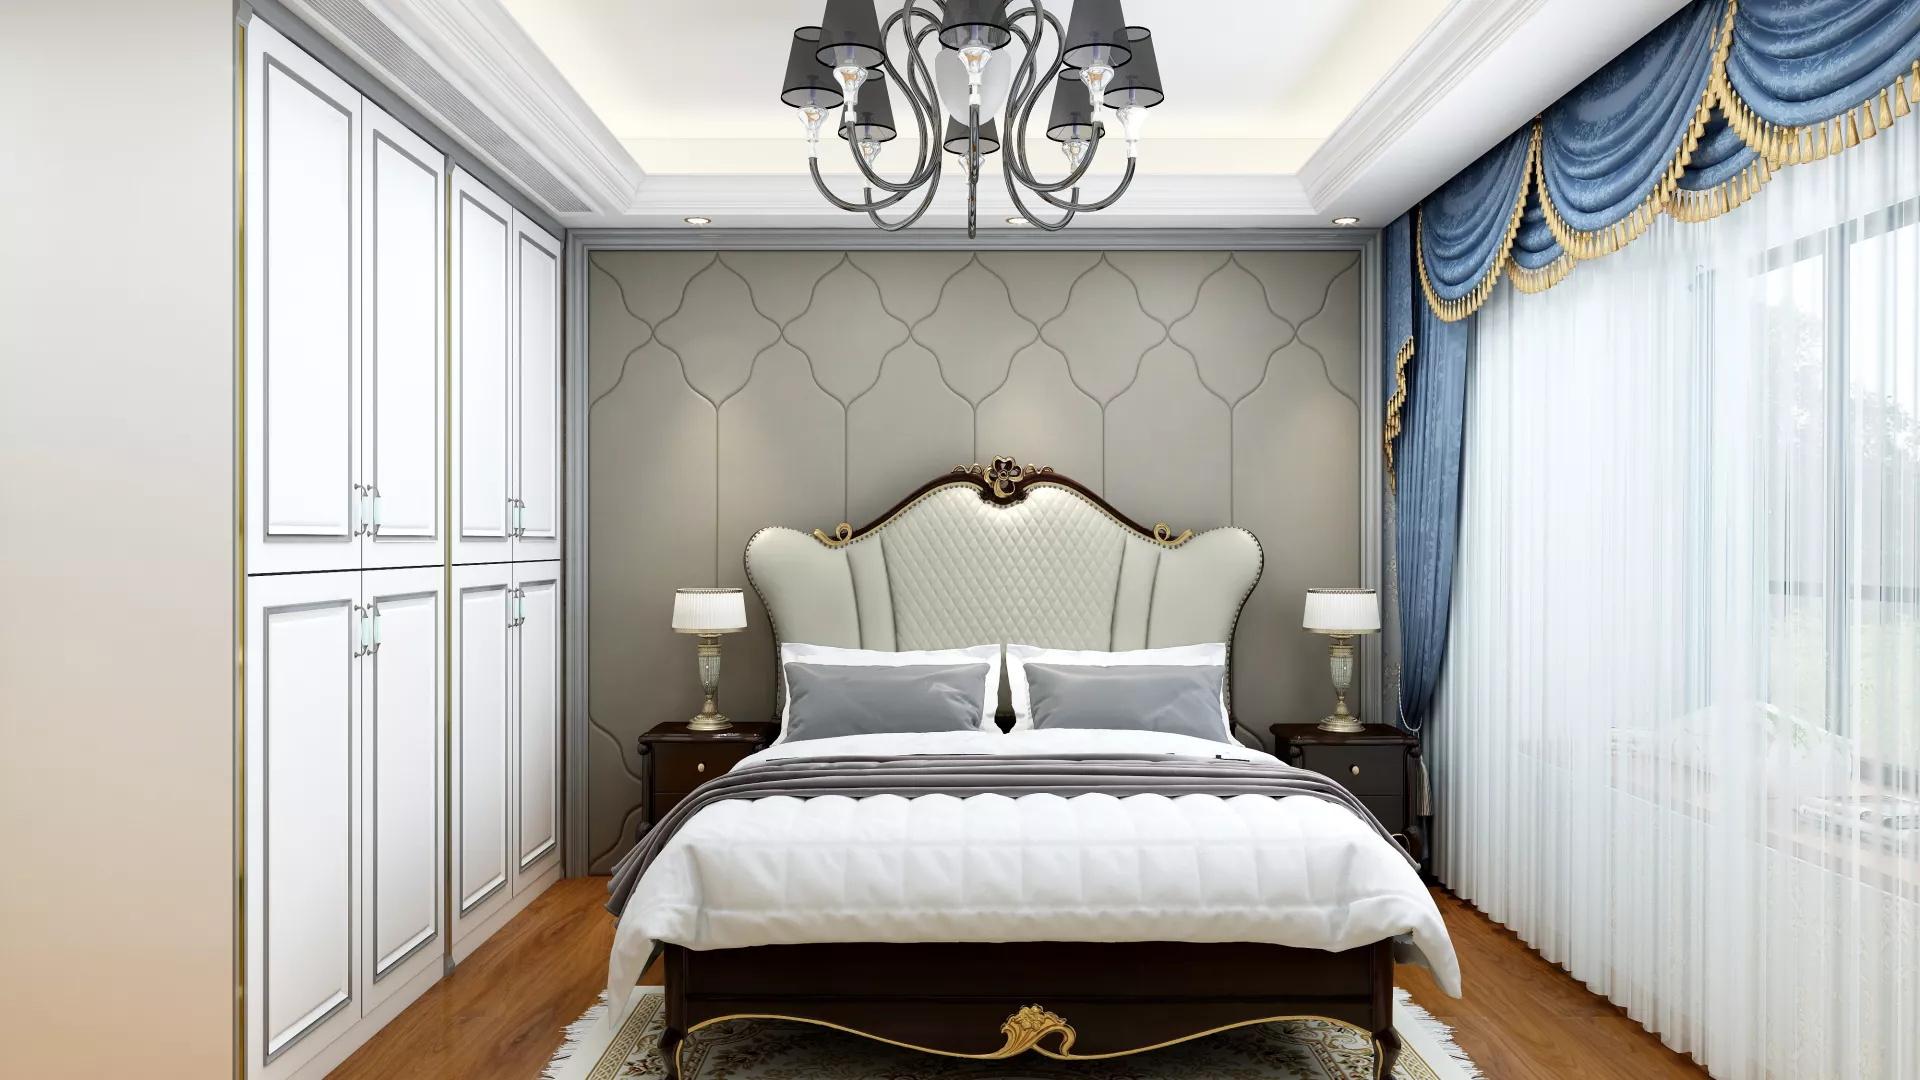 女生卧室乡村风格设计 女生卧室装修风格介绍